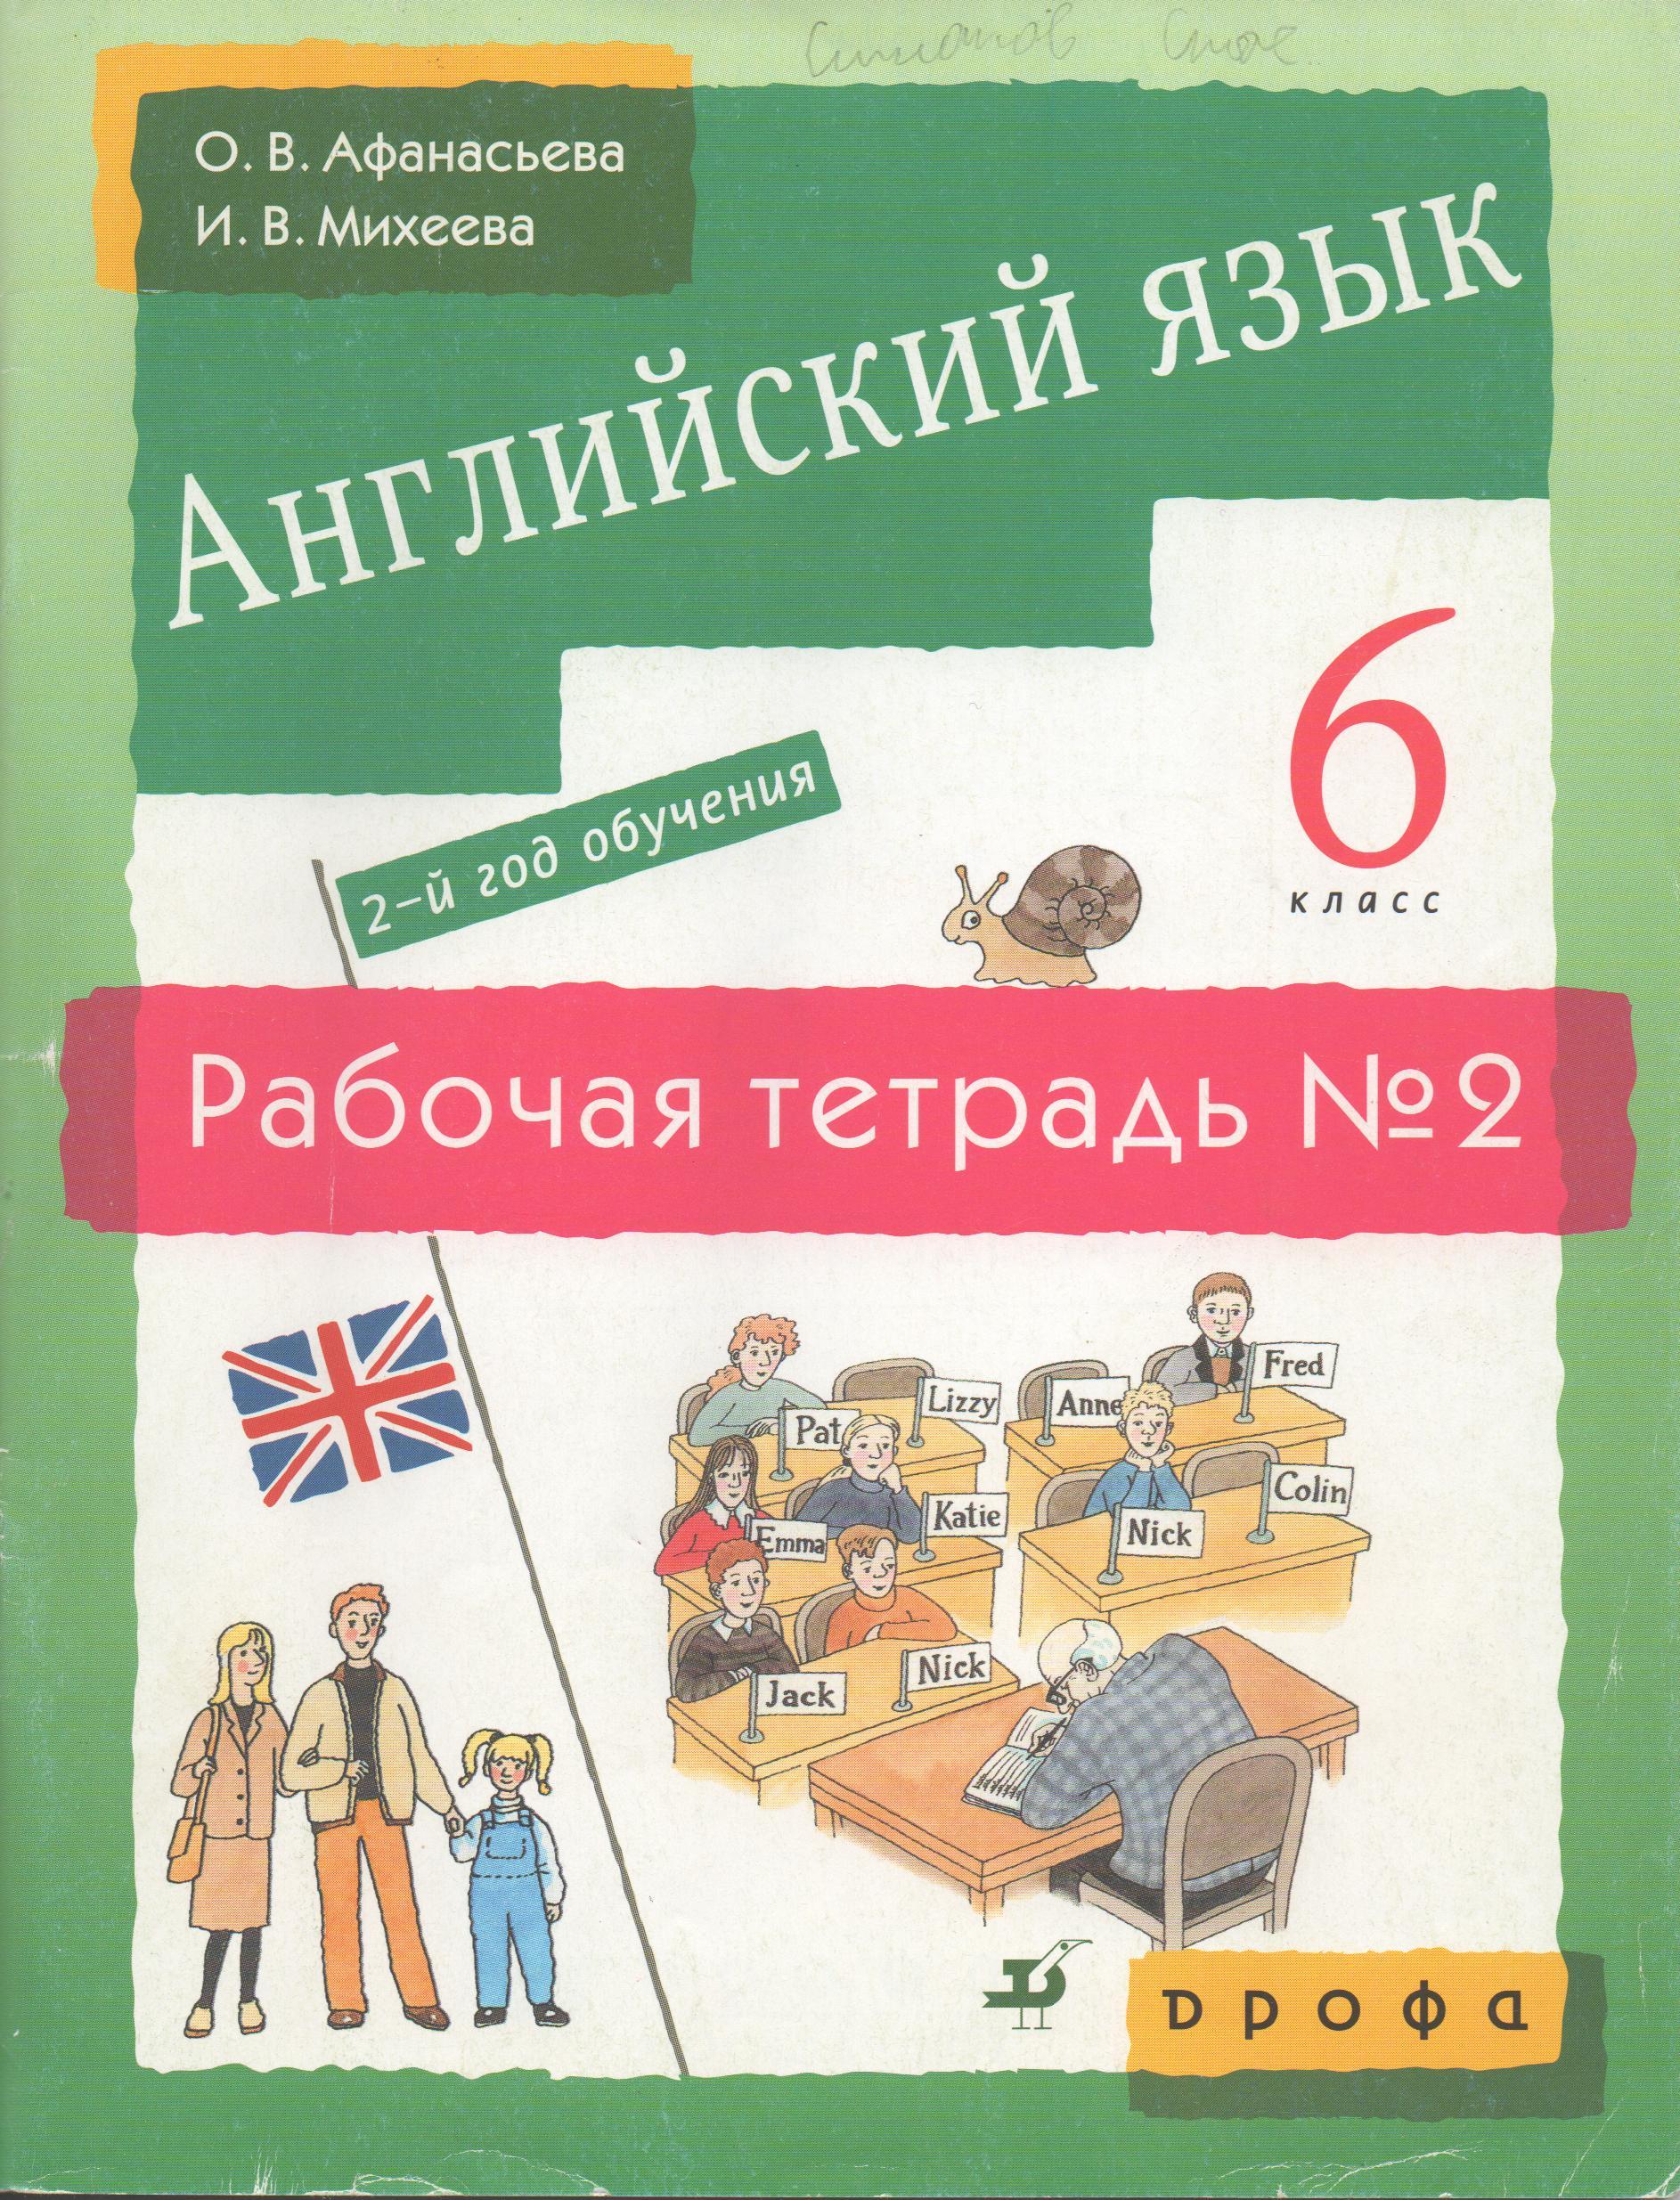 Гдз По Английскому Языку Биболетова 4 Класс 2012